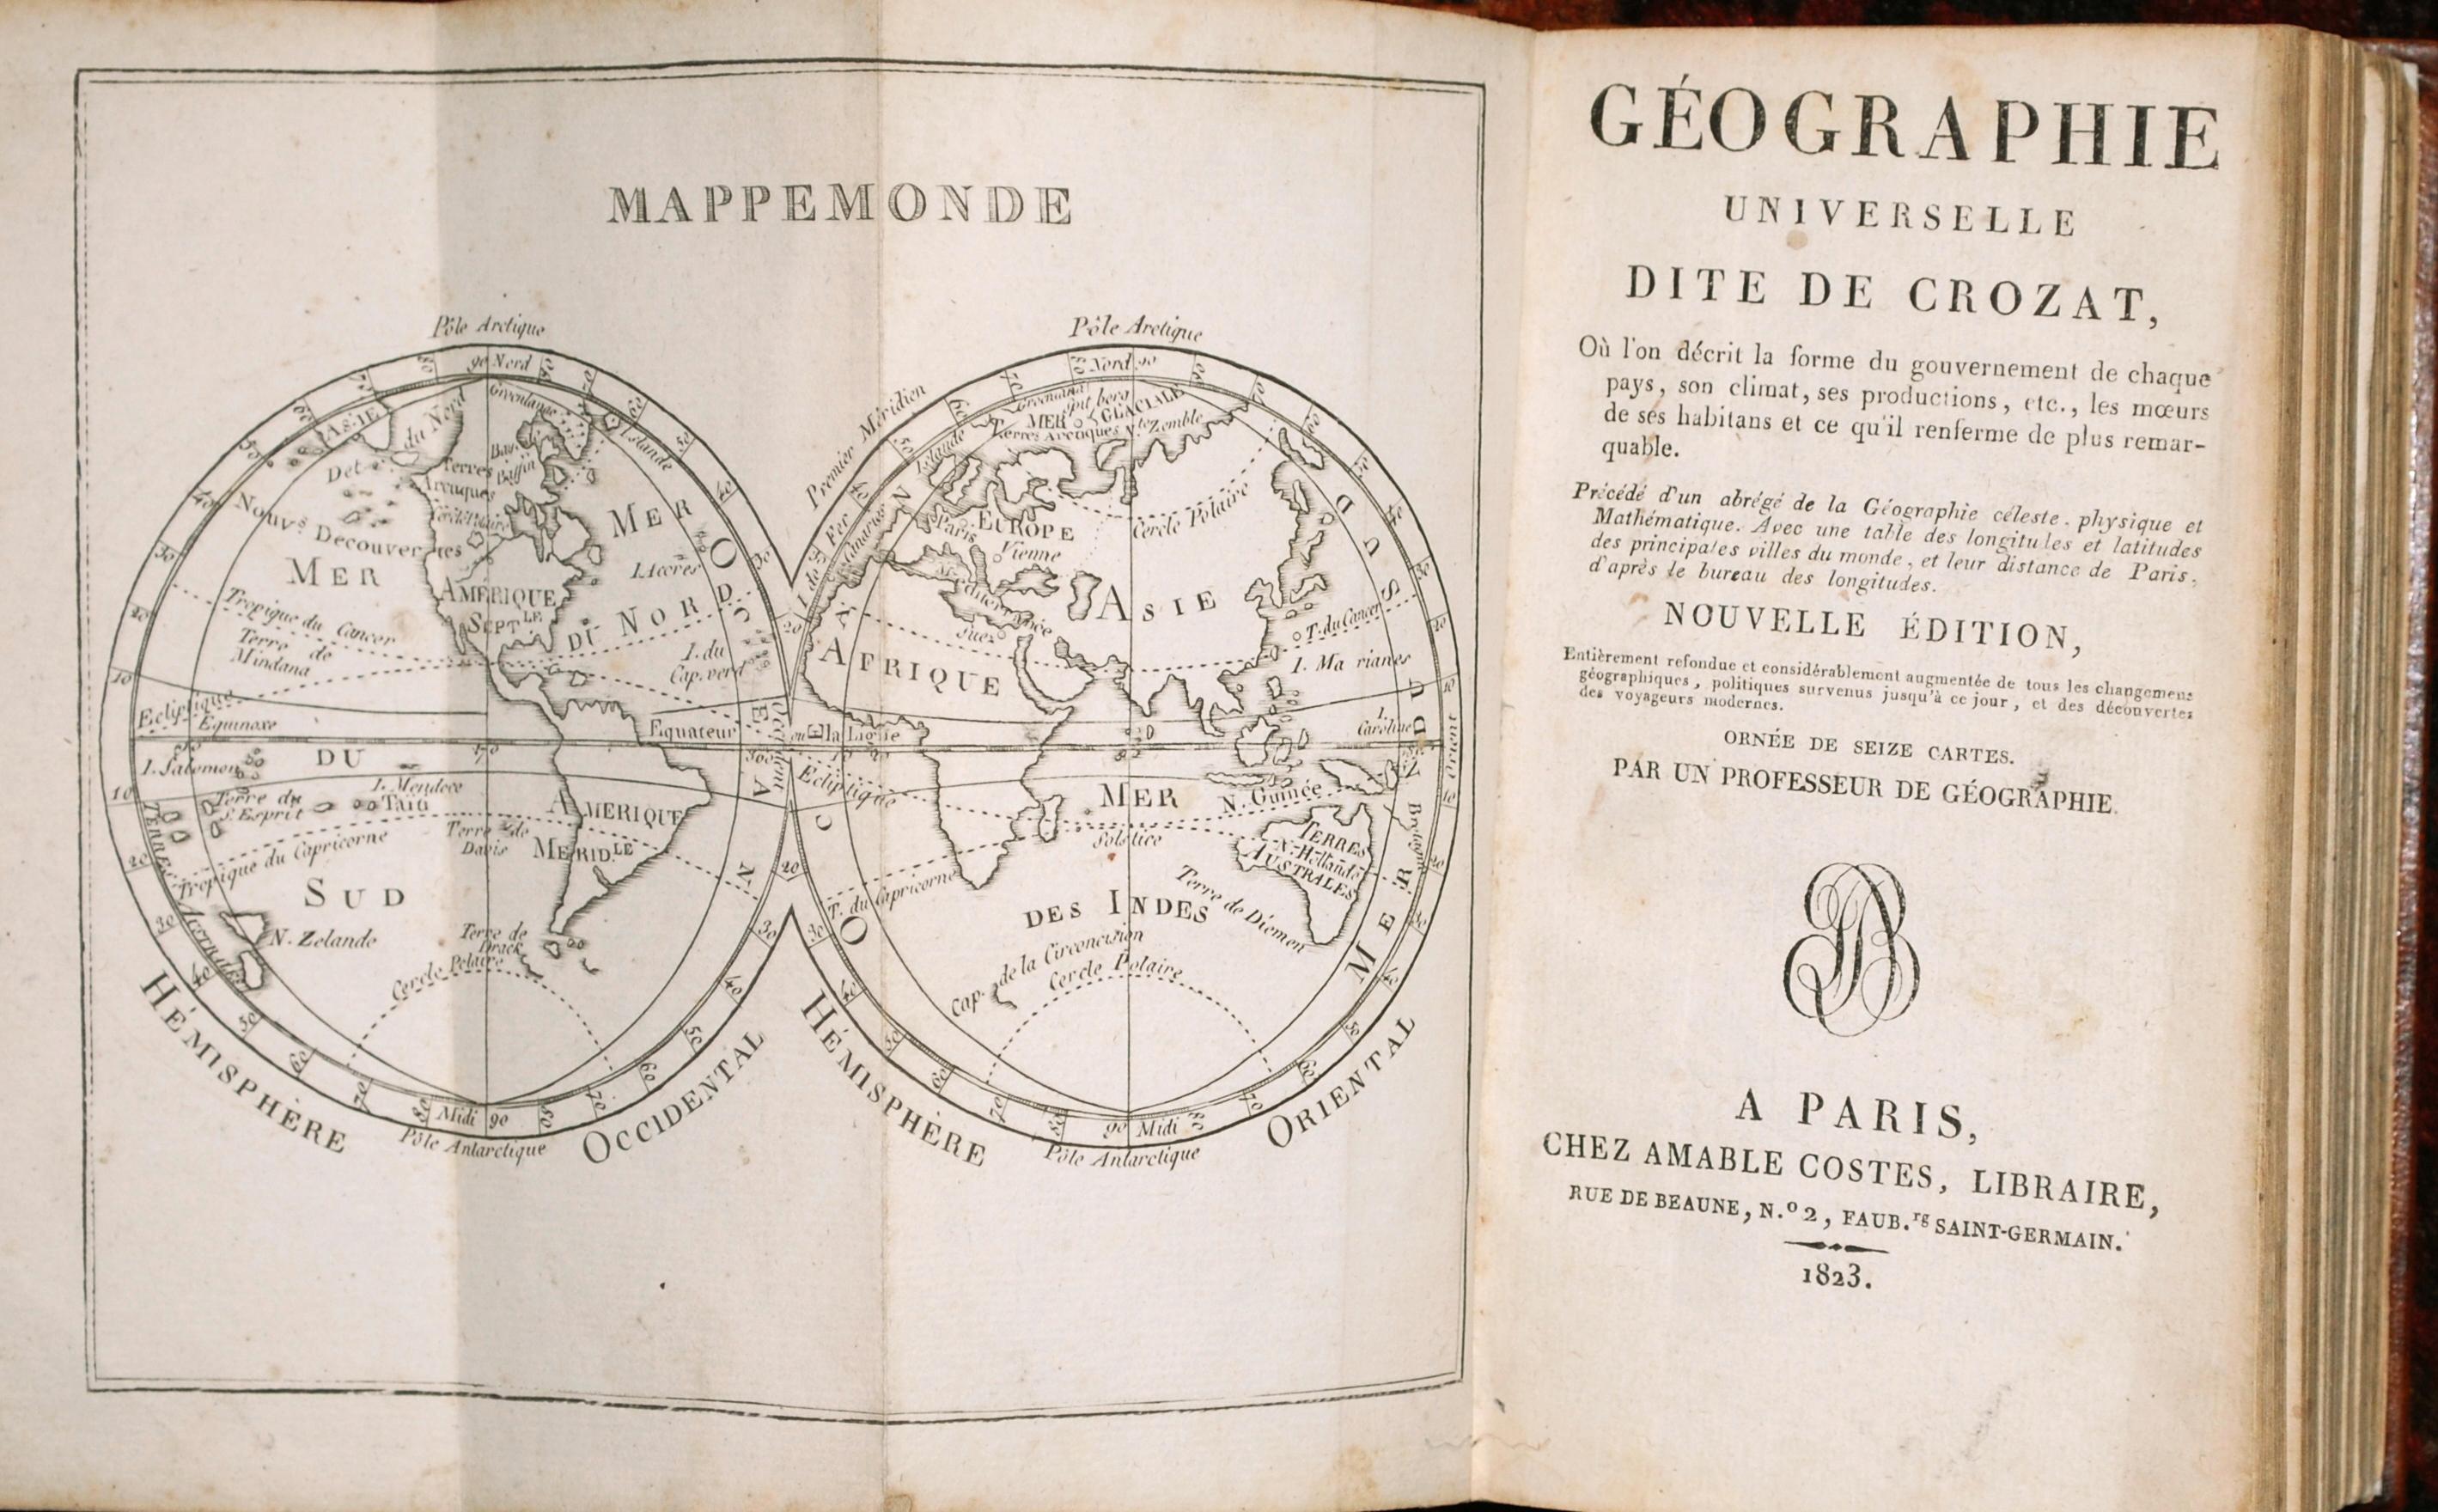 Crozat. - Geographie Universelle dite de Crozat.